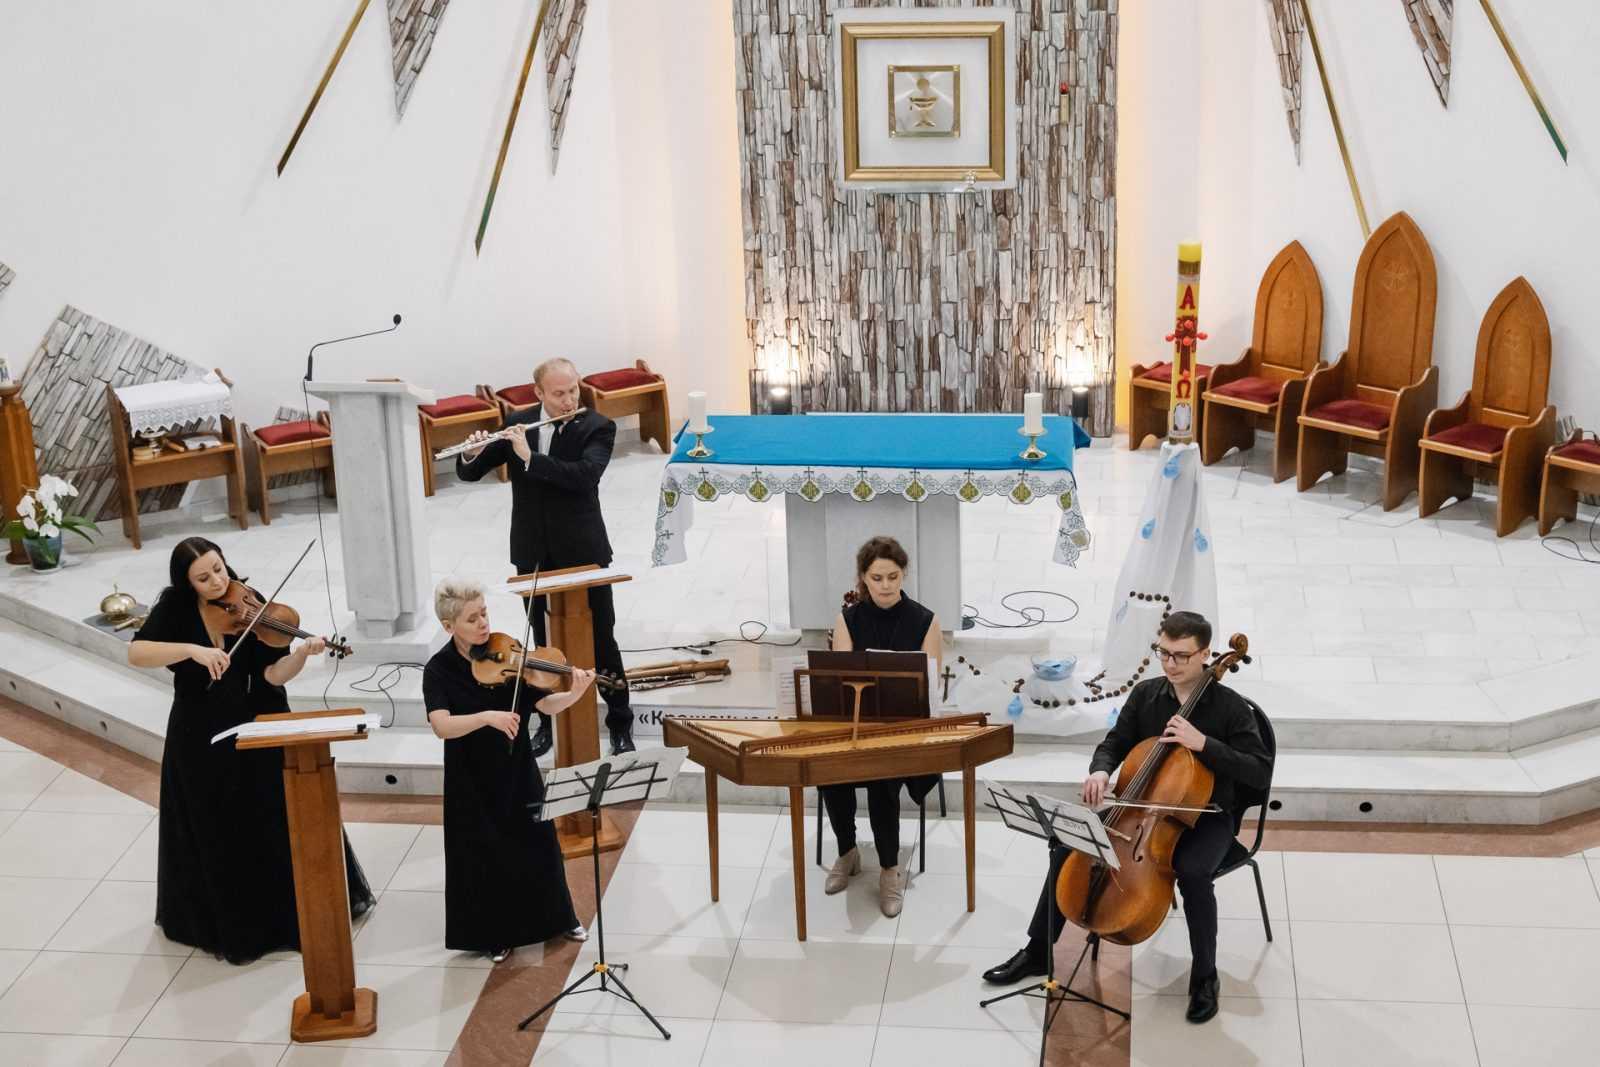 Музыка в храме КОНЦЕРТ «МАСТЕРА БАРОККО» 26.10.2019 29